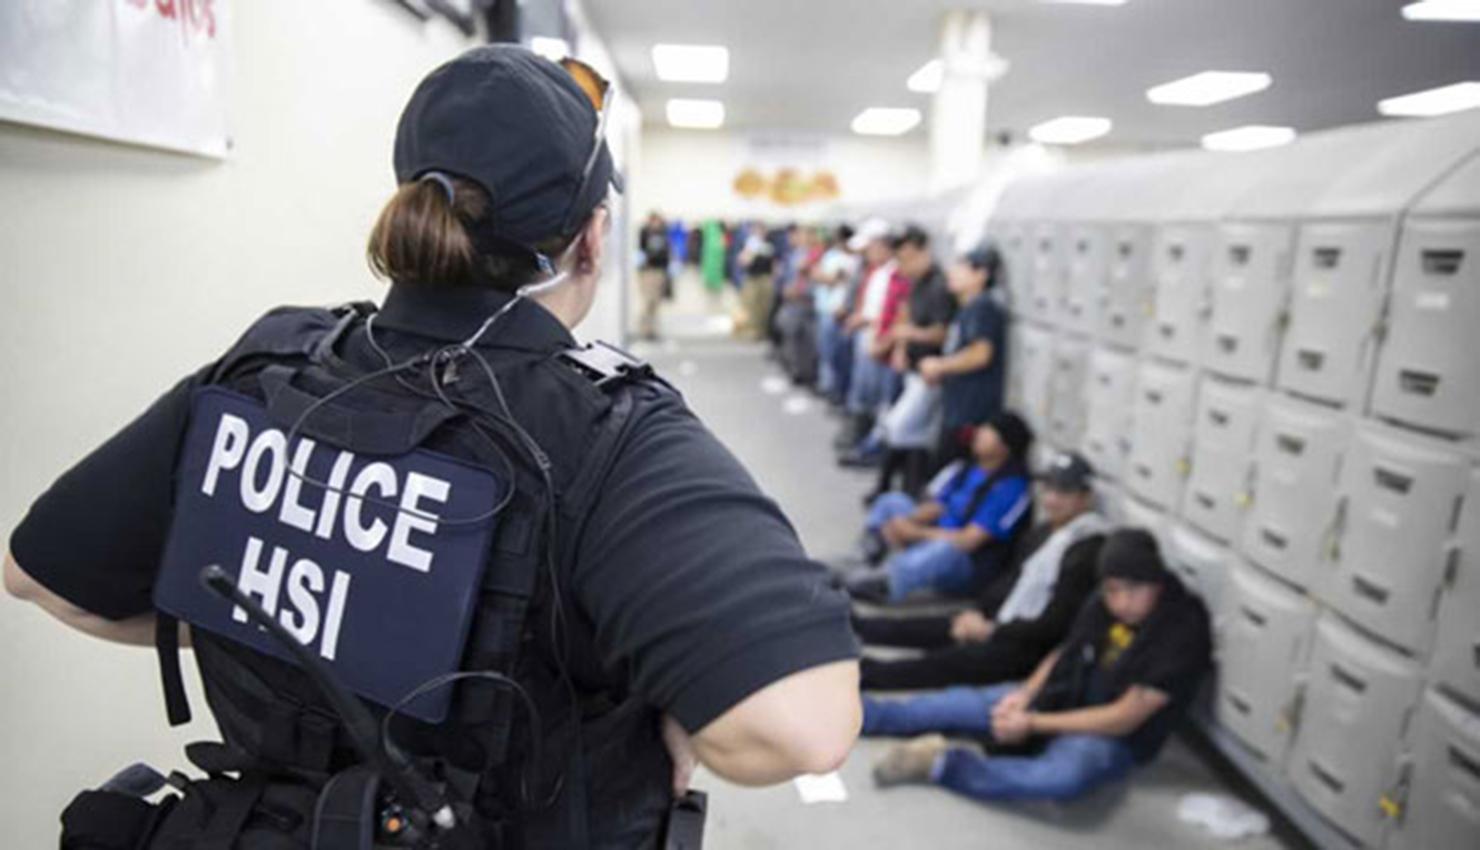 EEUU dice que detenciones en frontera con México sumaron casi un millón en 12 meses